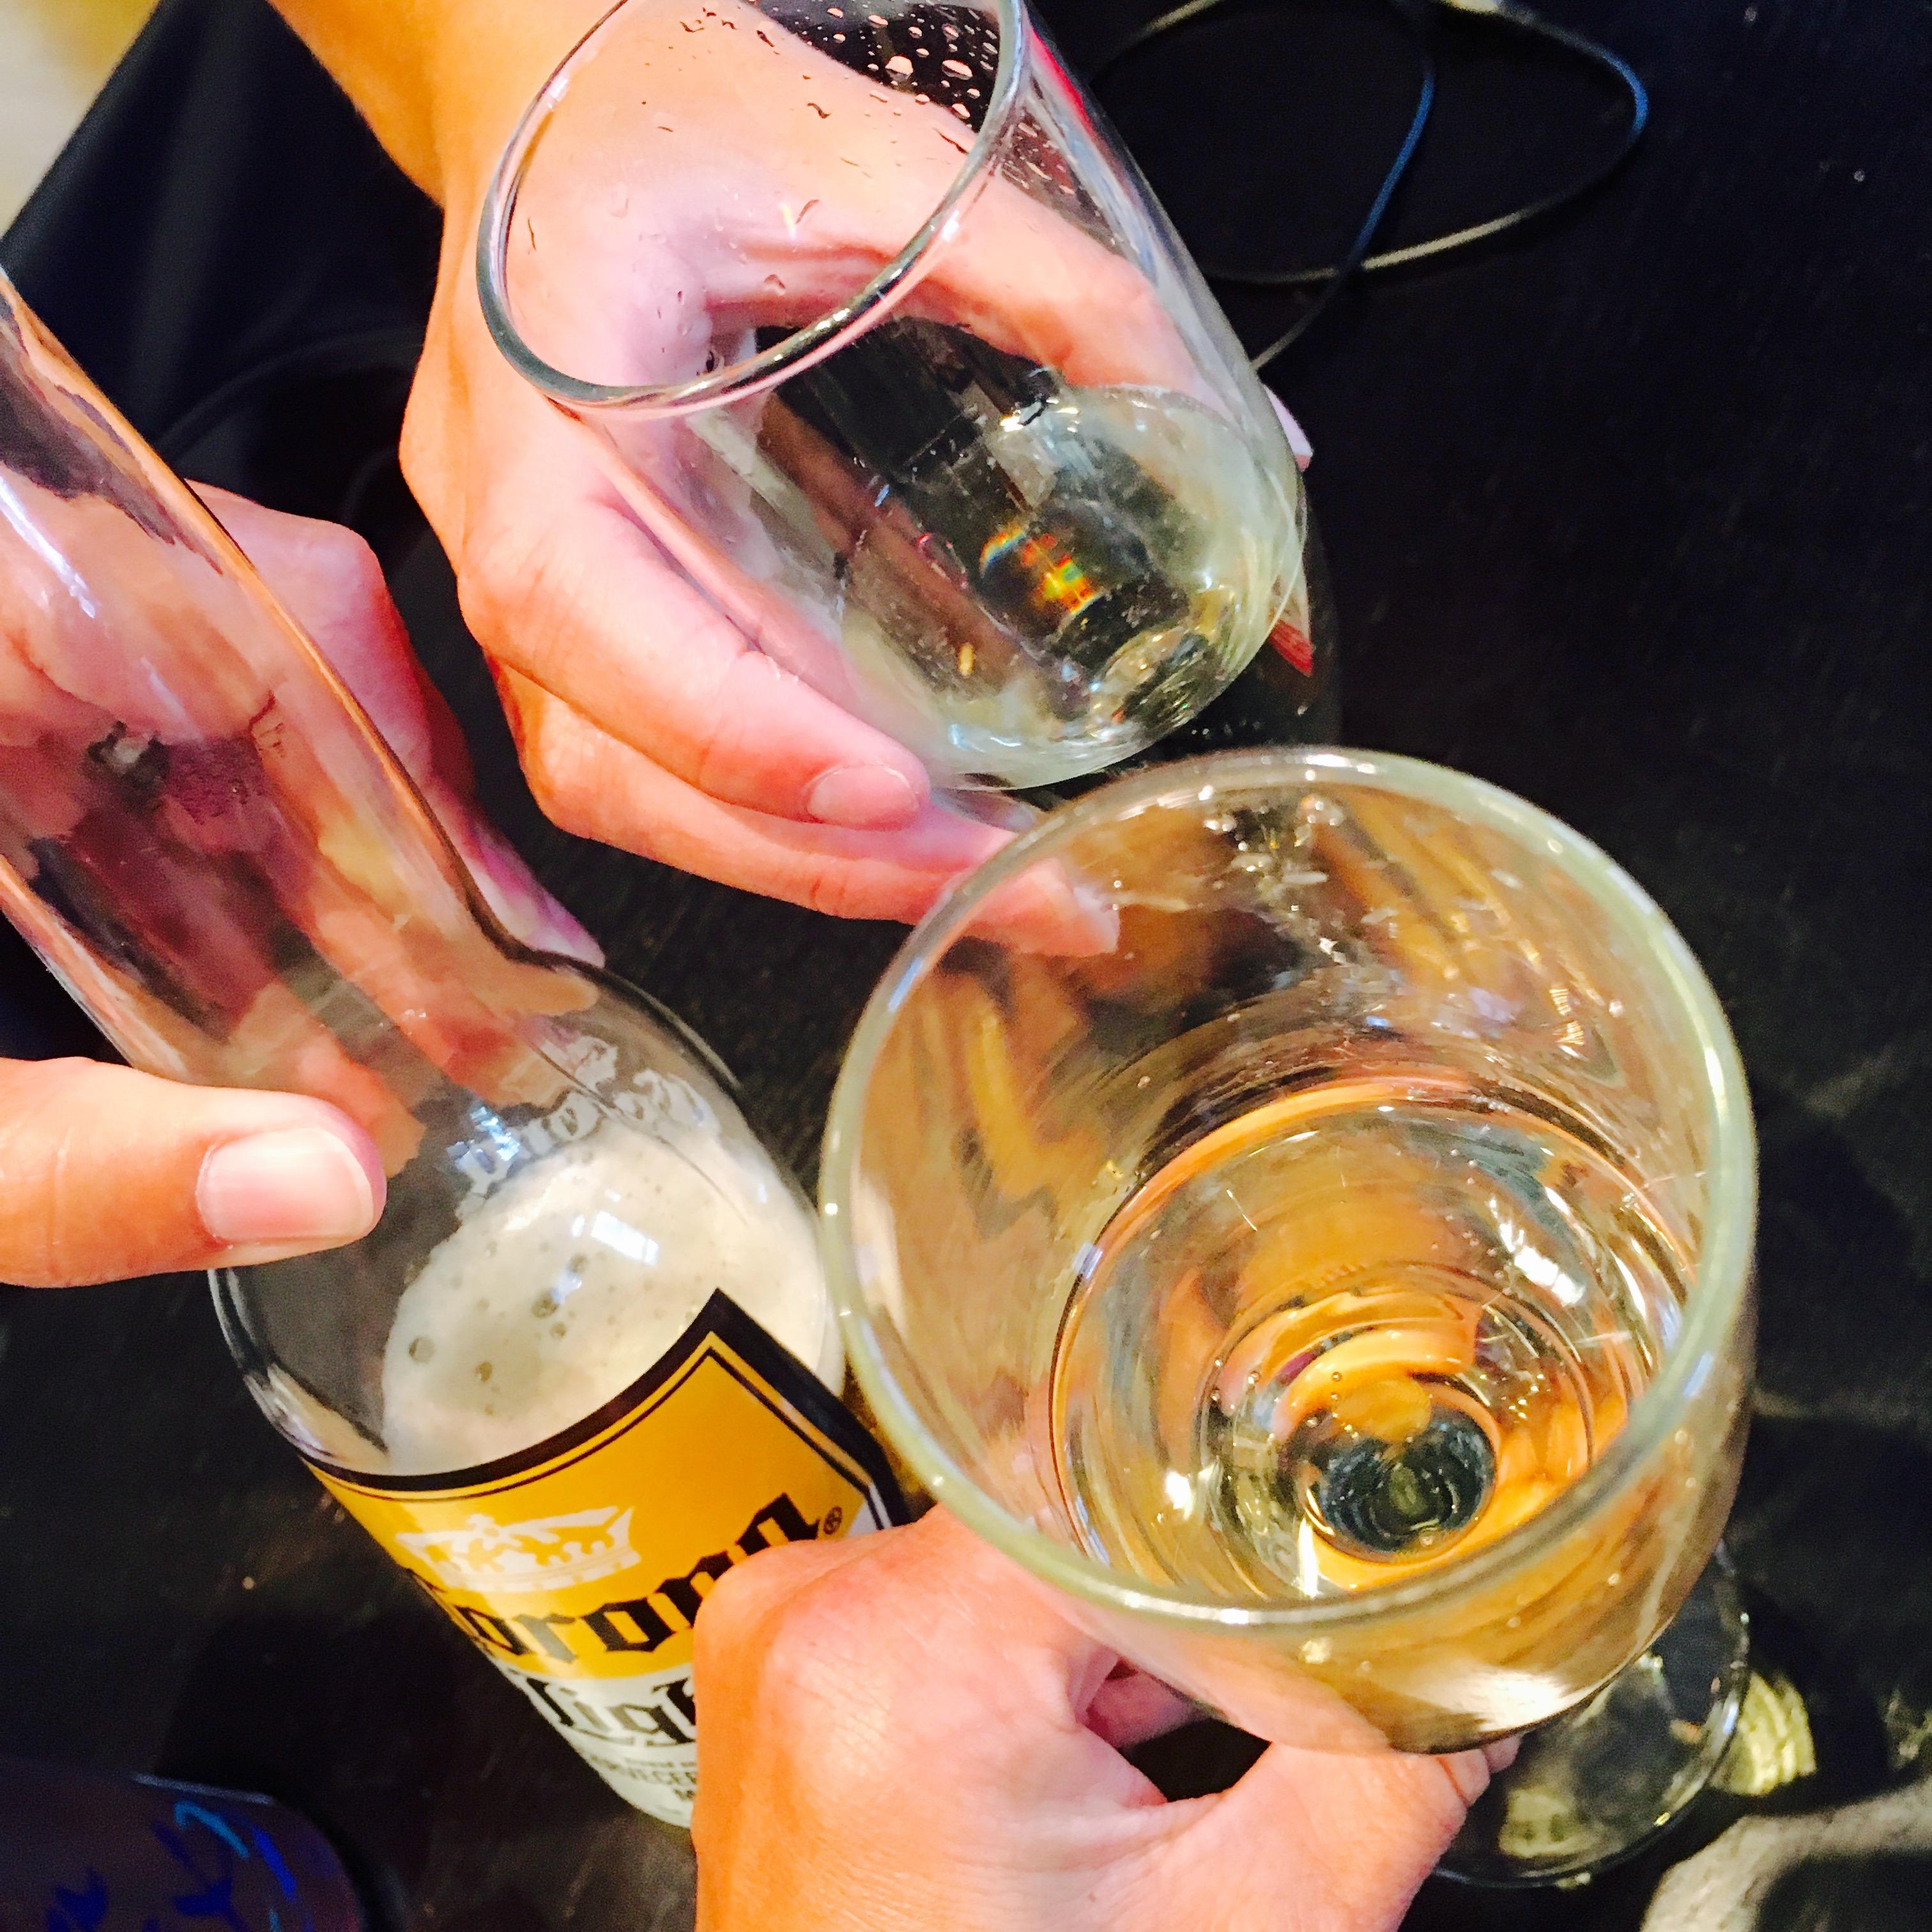 Sisters toast